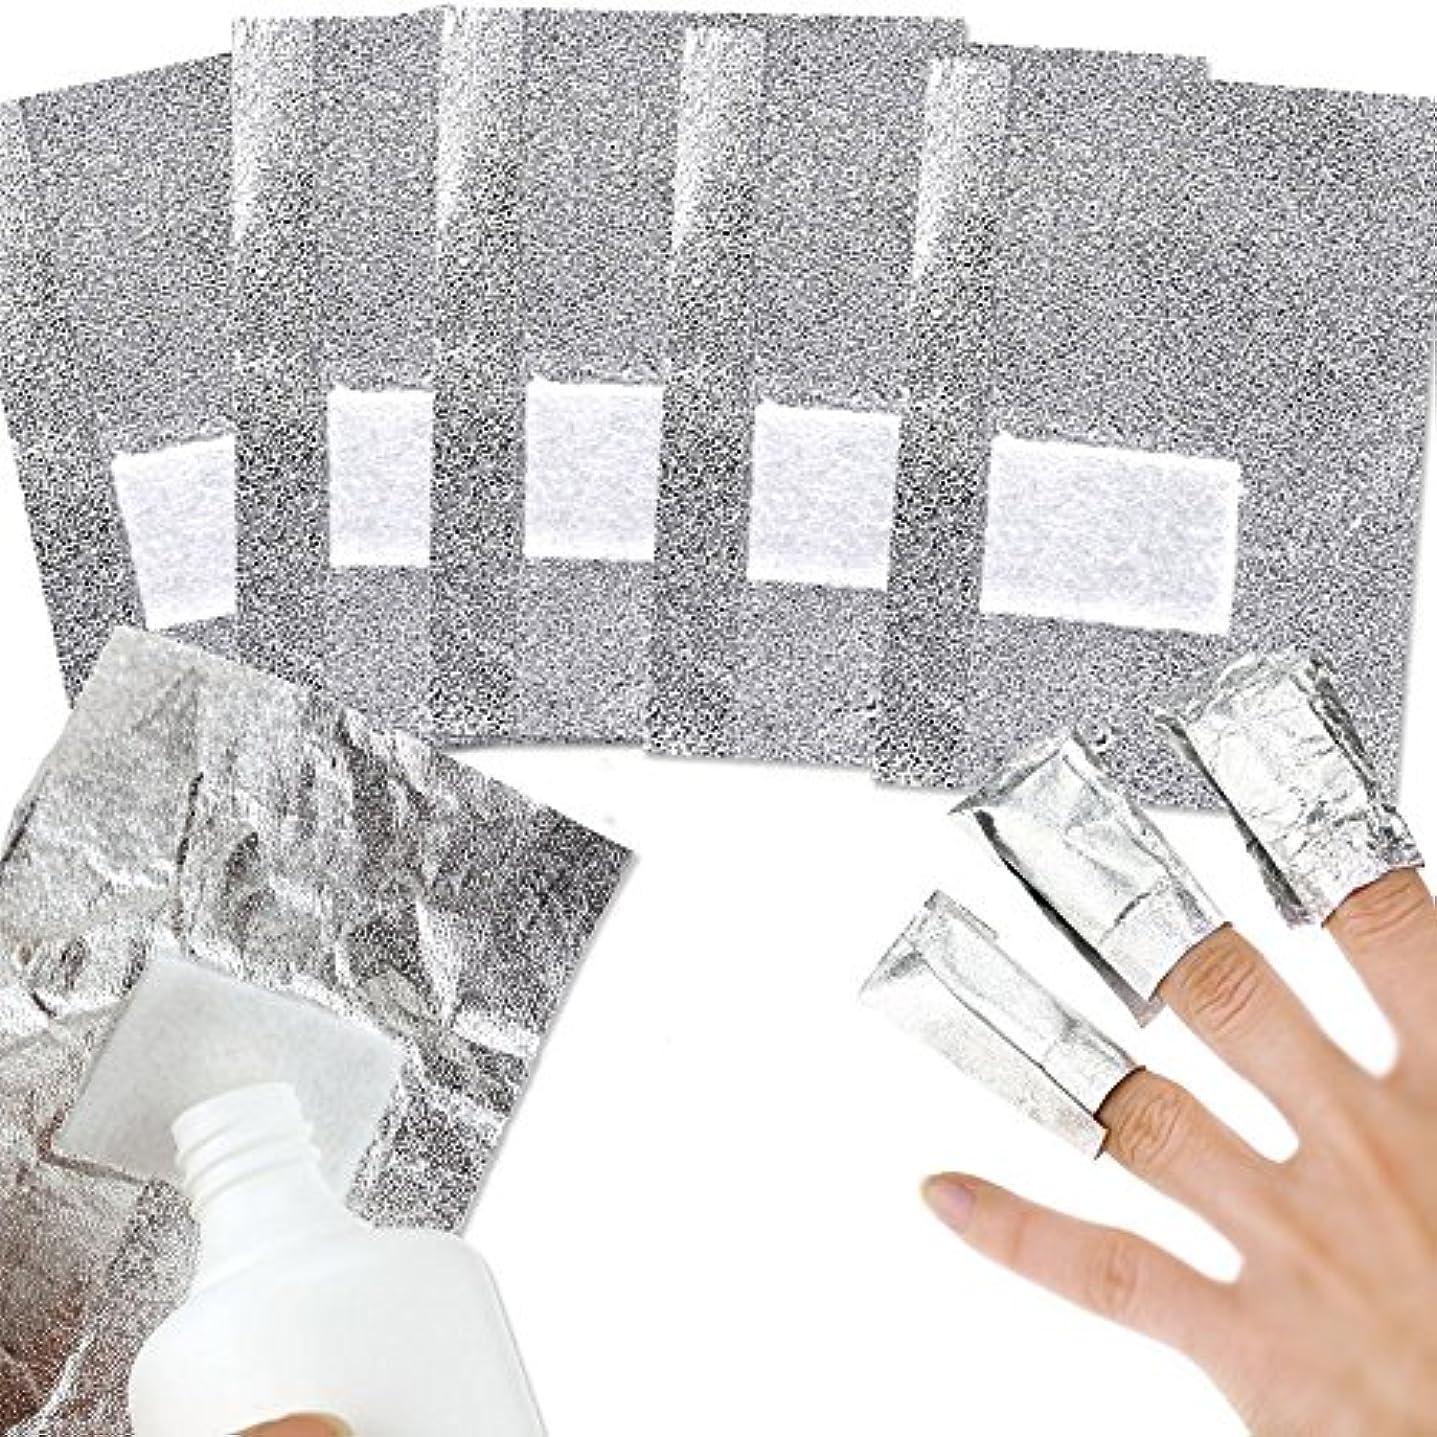 クルーズスローガンクレアUVジェル リムーバーパッド 100枚入り ネイルポリッシュをきれいにオフする コットン付きアルミホイル ジェル除却 使い捨て 爪マニキュア用品 Pichidr